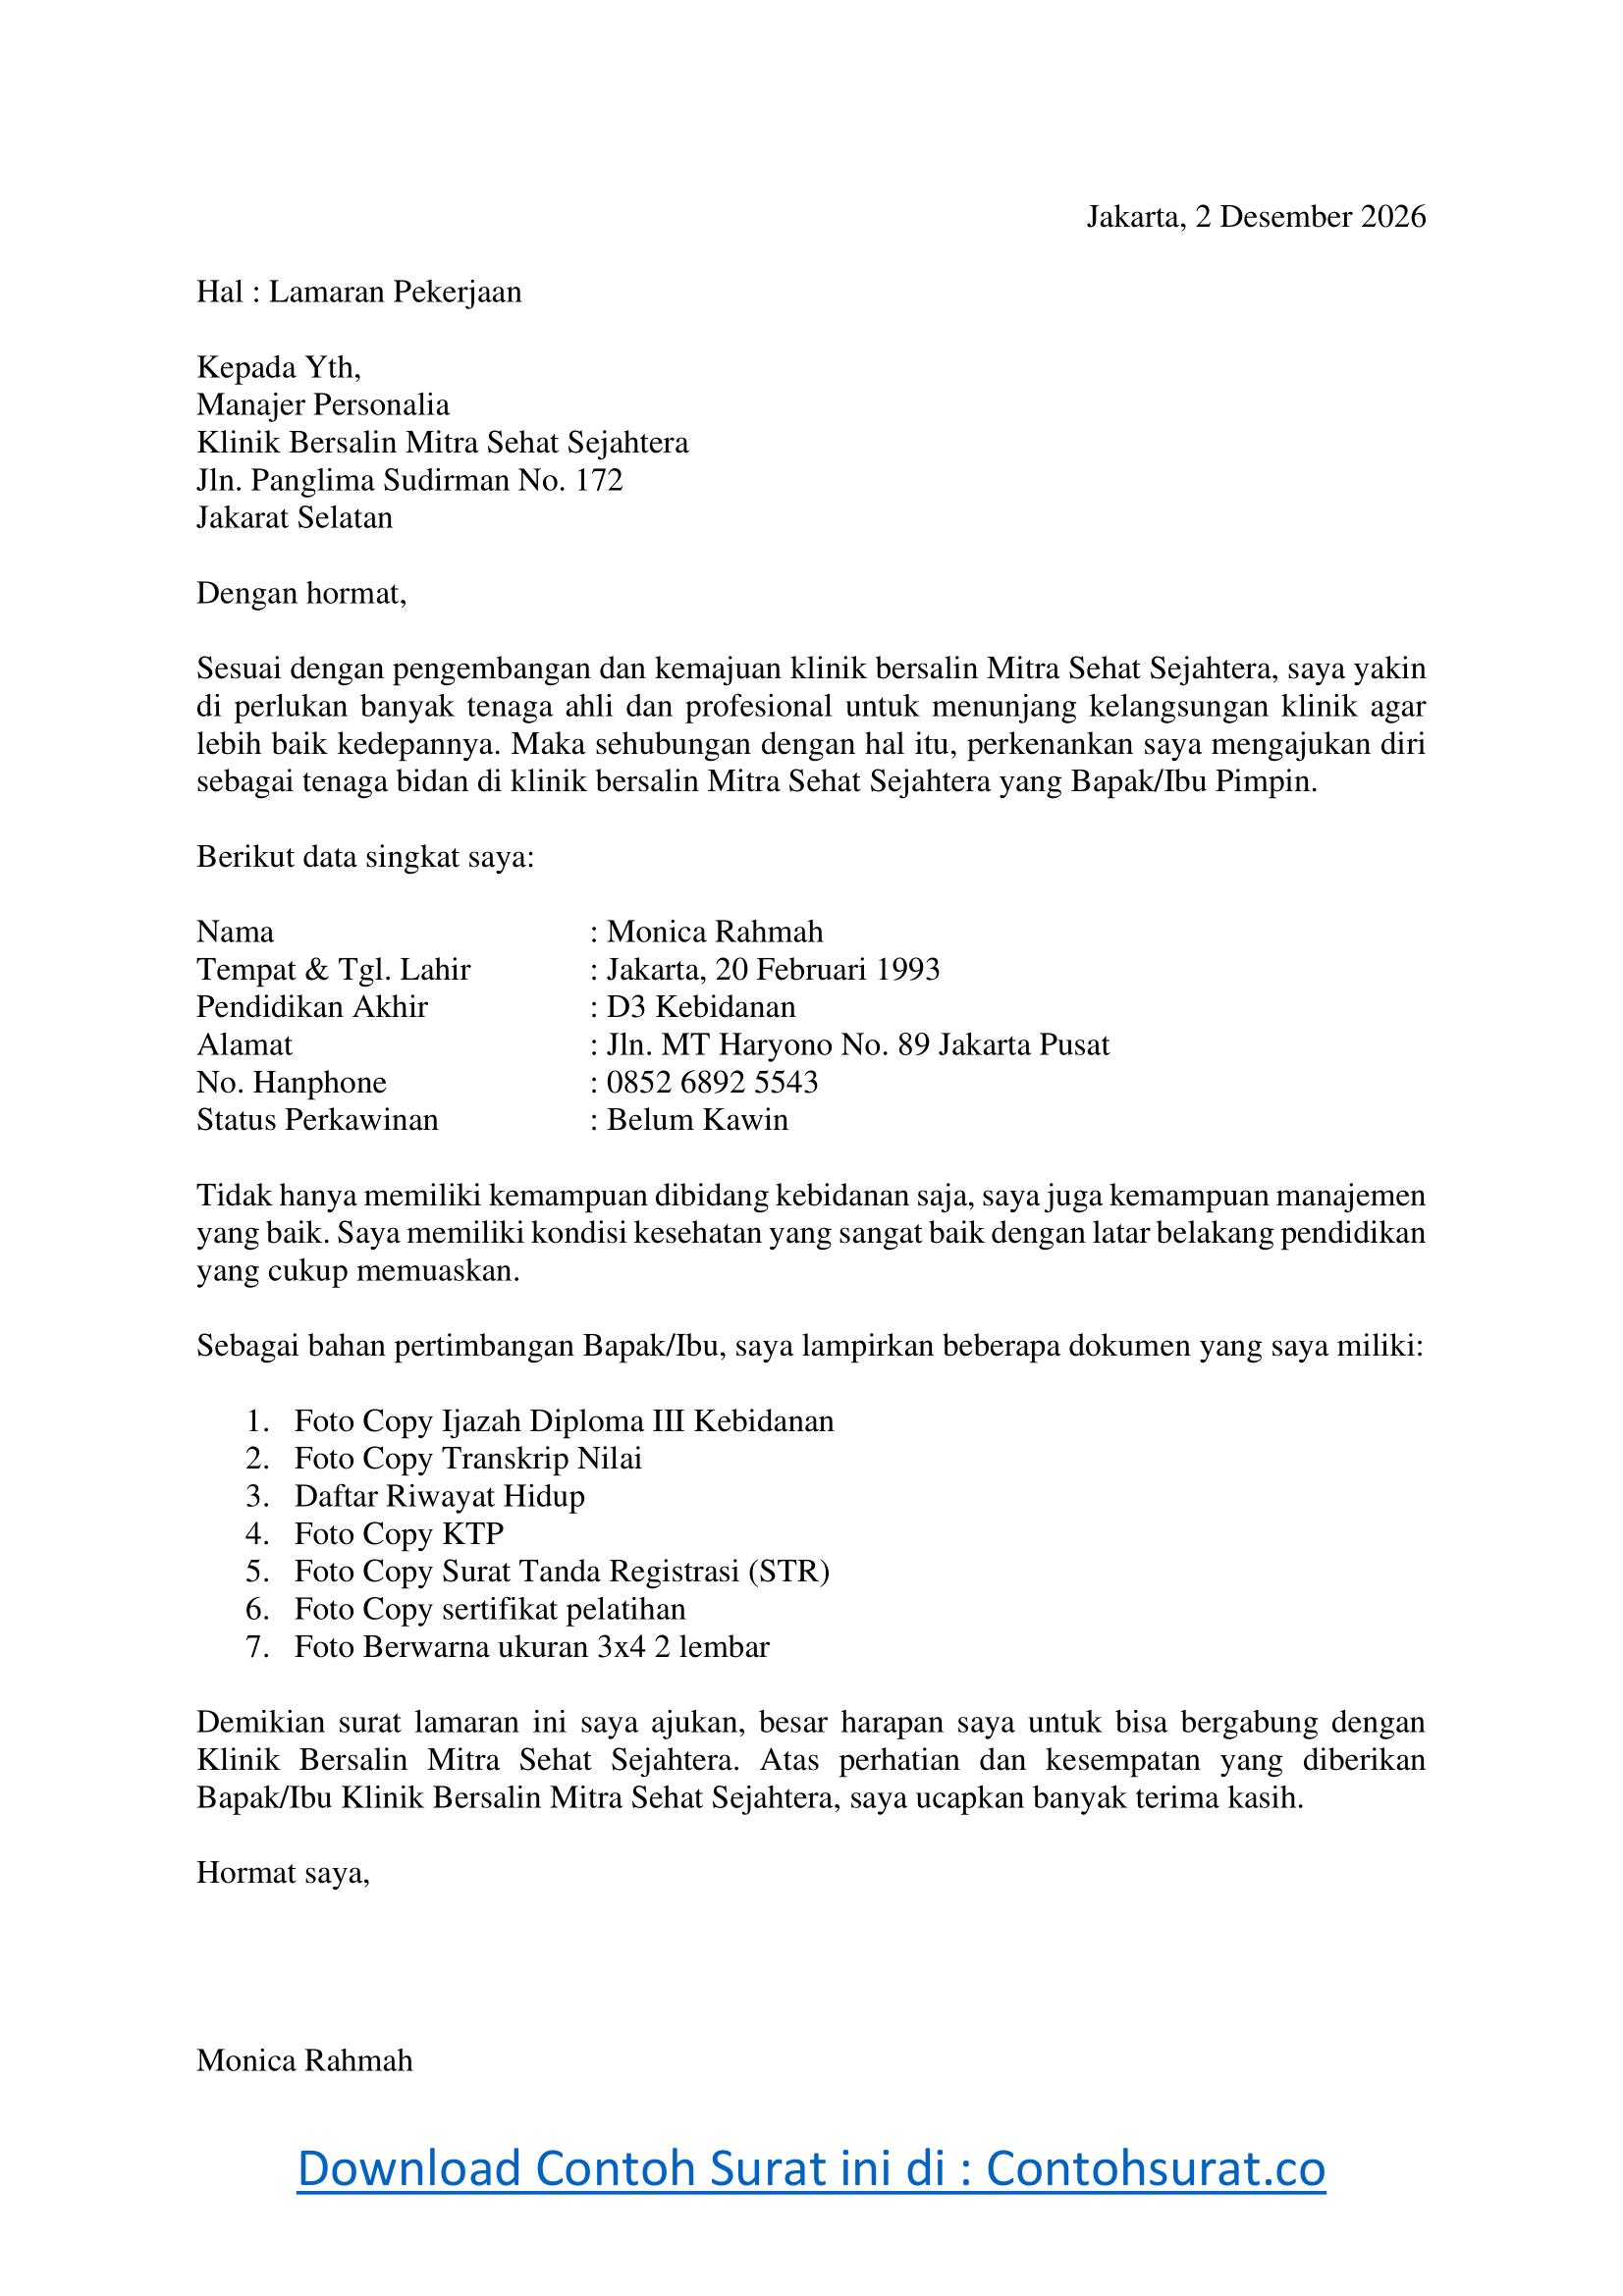 Contoh Surat Lamaran Kerja Bidan Via Email